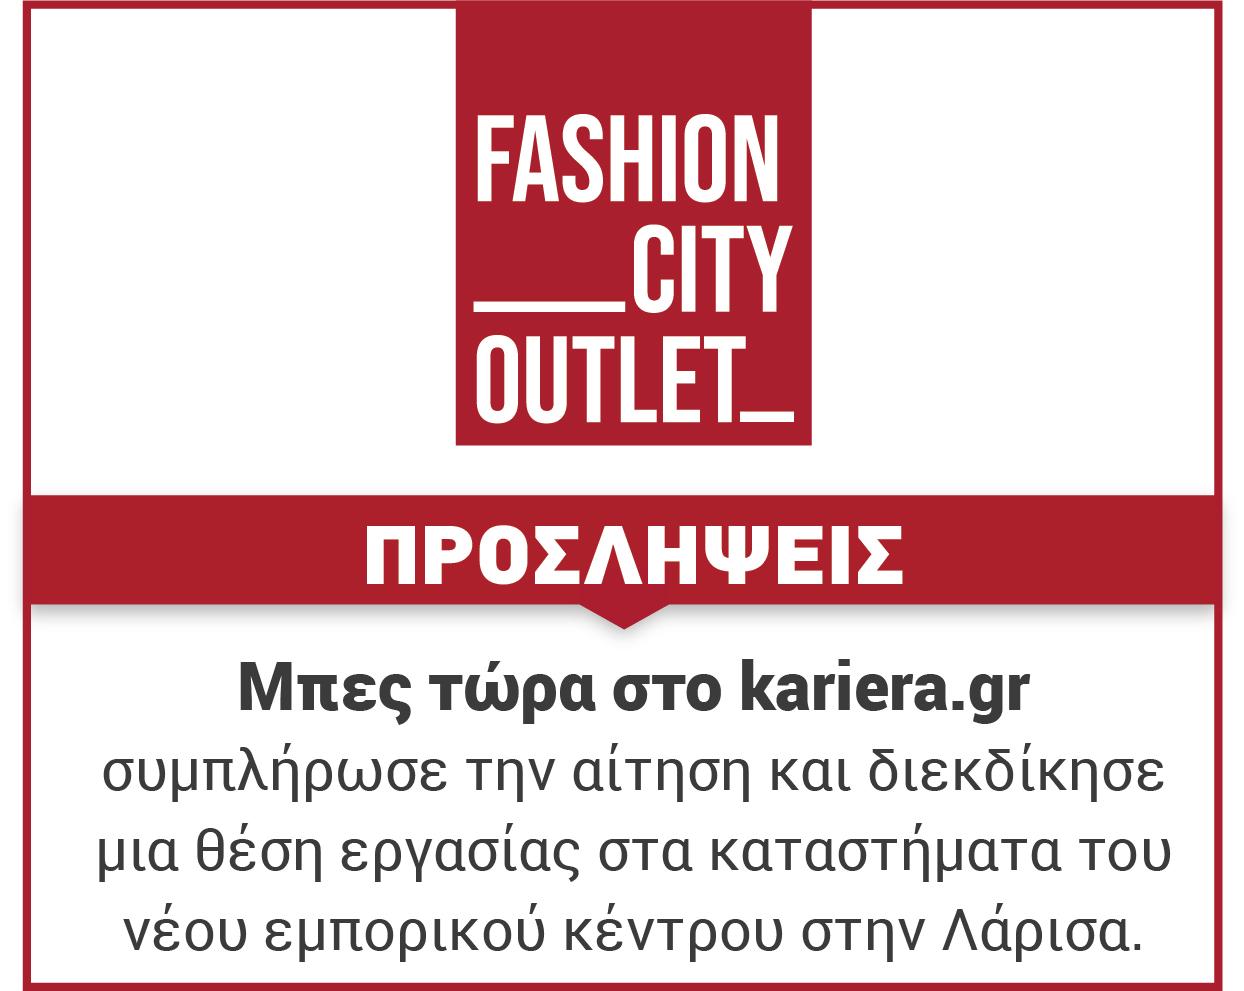 http://www.taxydromos.gr/Larisa/307601-fashion-city-outlet-theseis-ergasias-sto-neo-proorismo-modas-